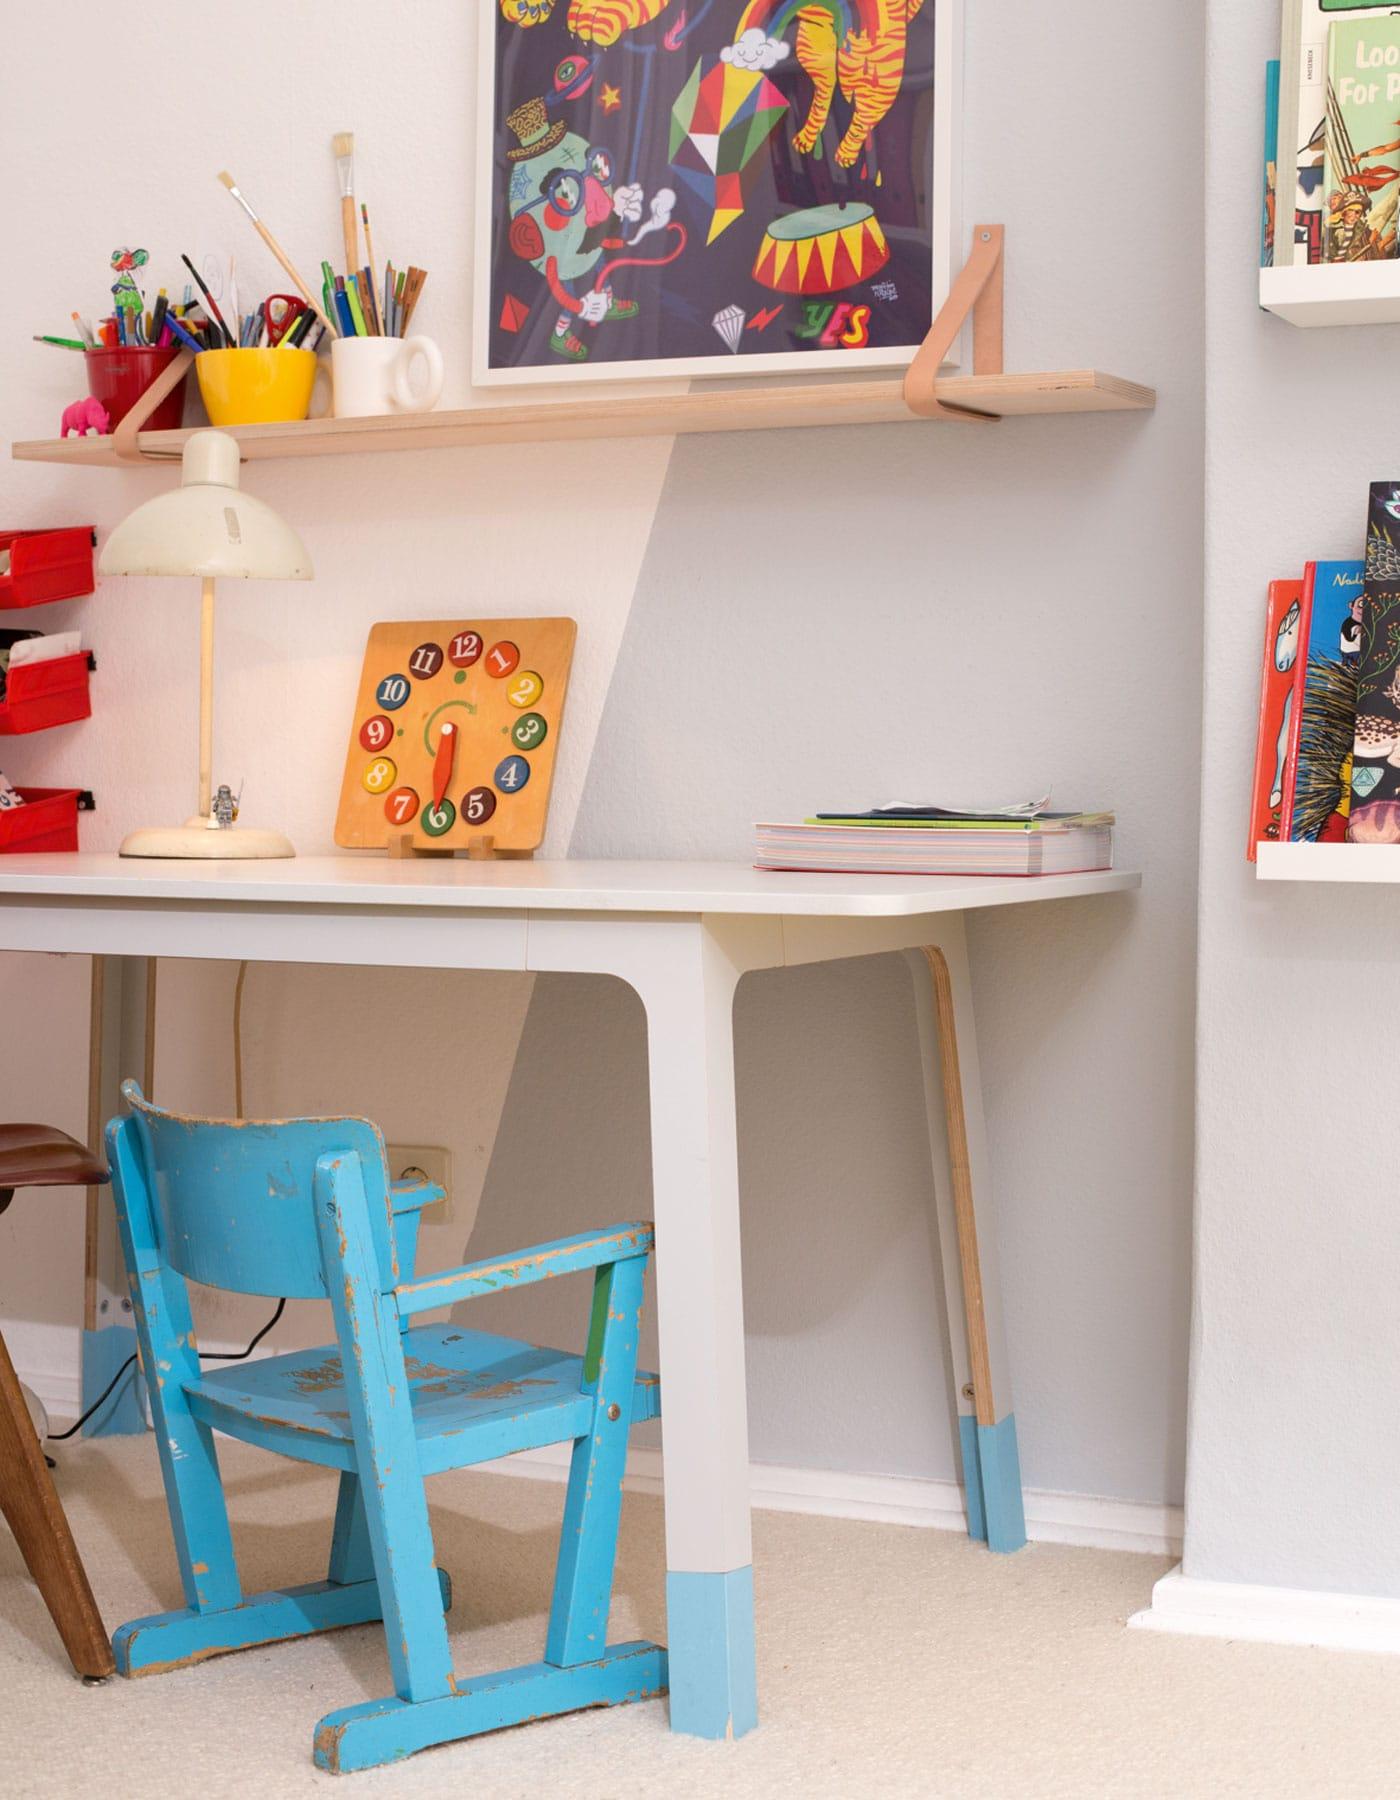 Einrichtungstipps zum Wohnen mit Kindern : Kinderschreibtisch // HIMBEER